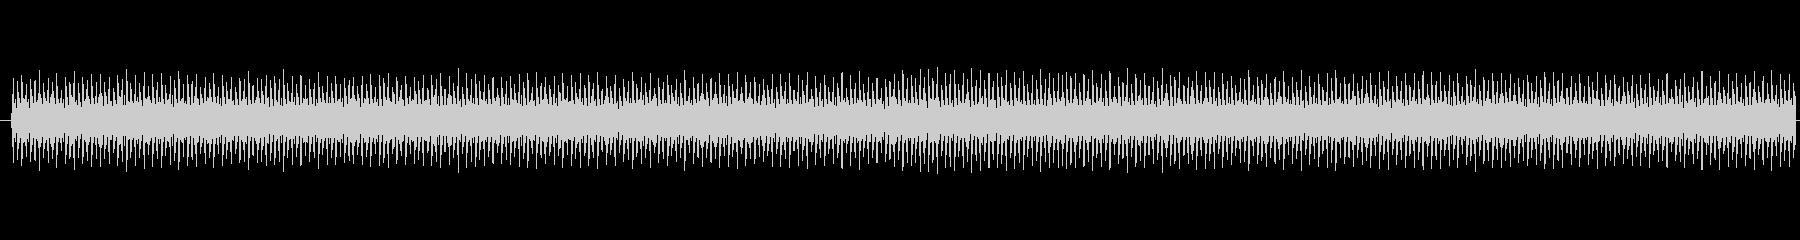 バギー エンジンスローアイドル01の未再生の波形